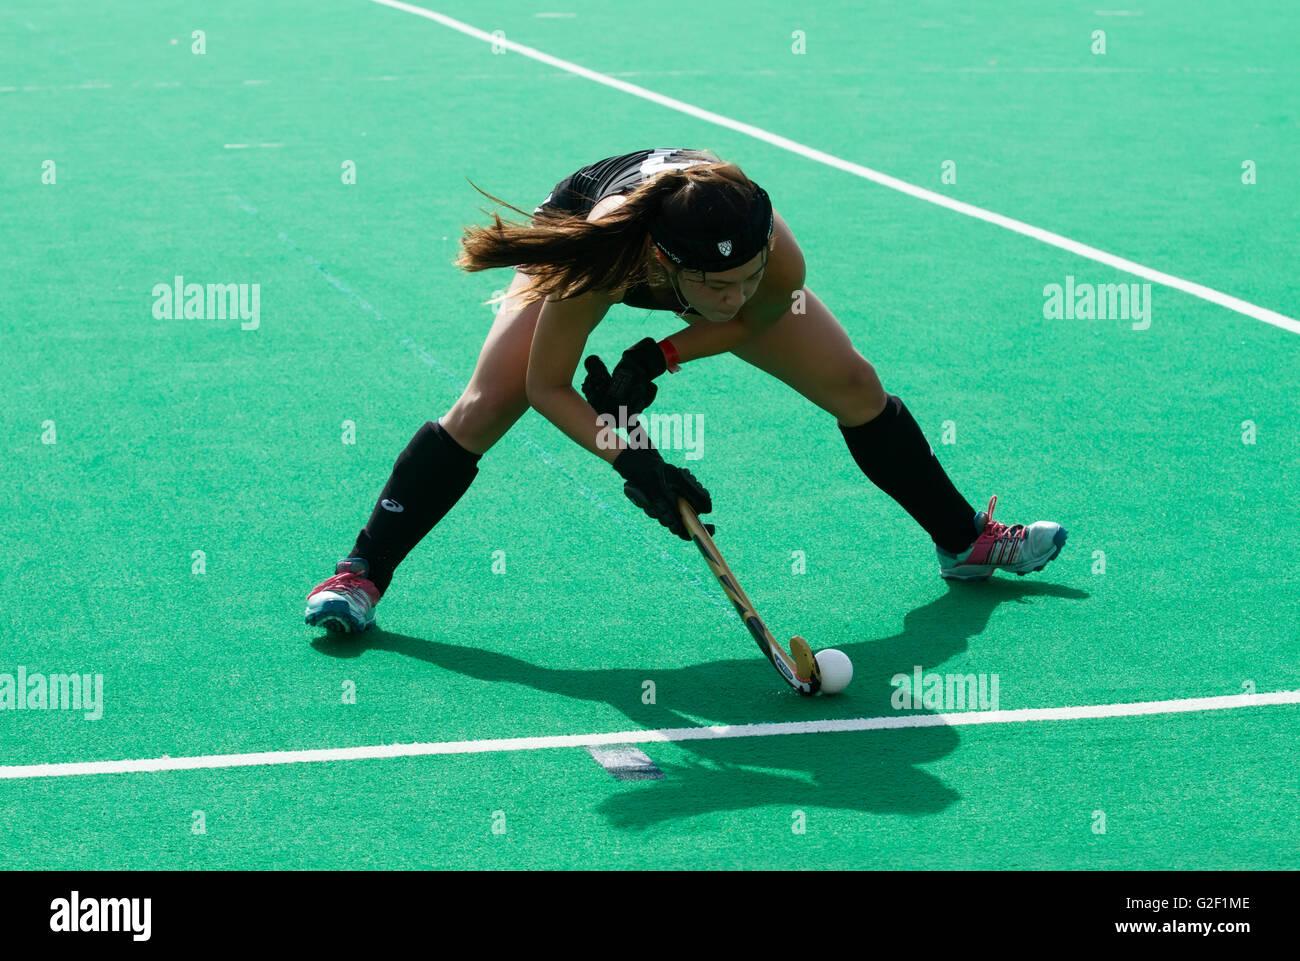 Jugador de Hockey sobre hierba femenino líneas un disparo Imagen De Stock